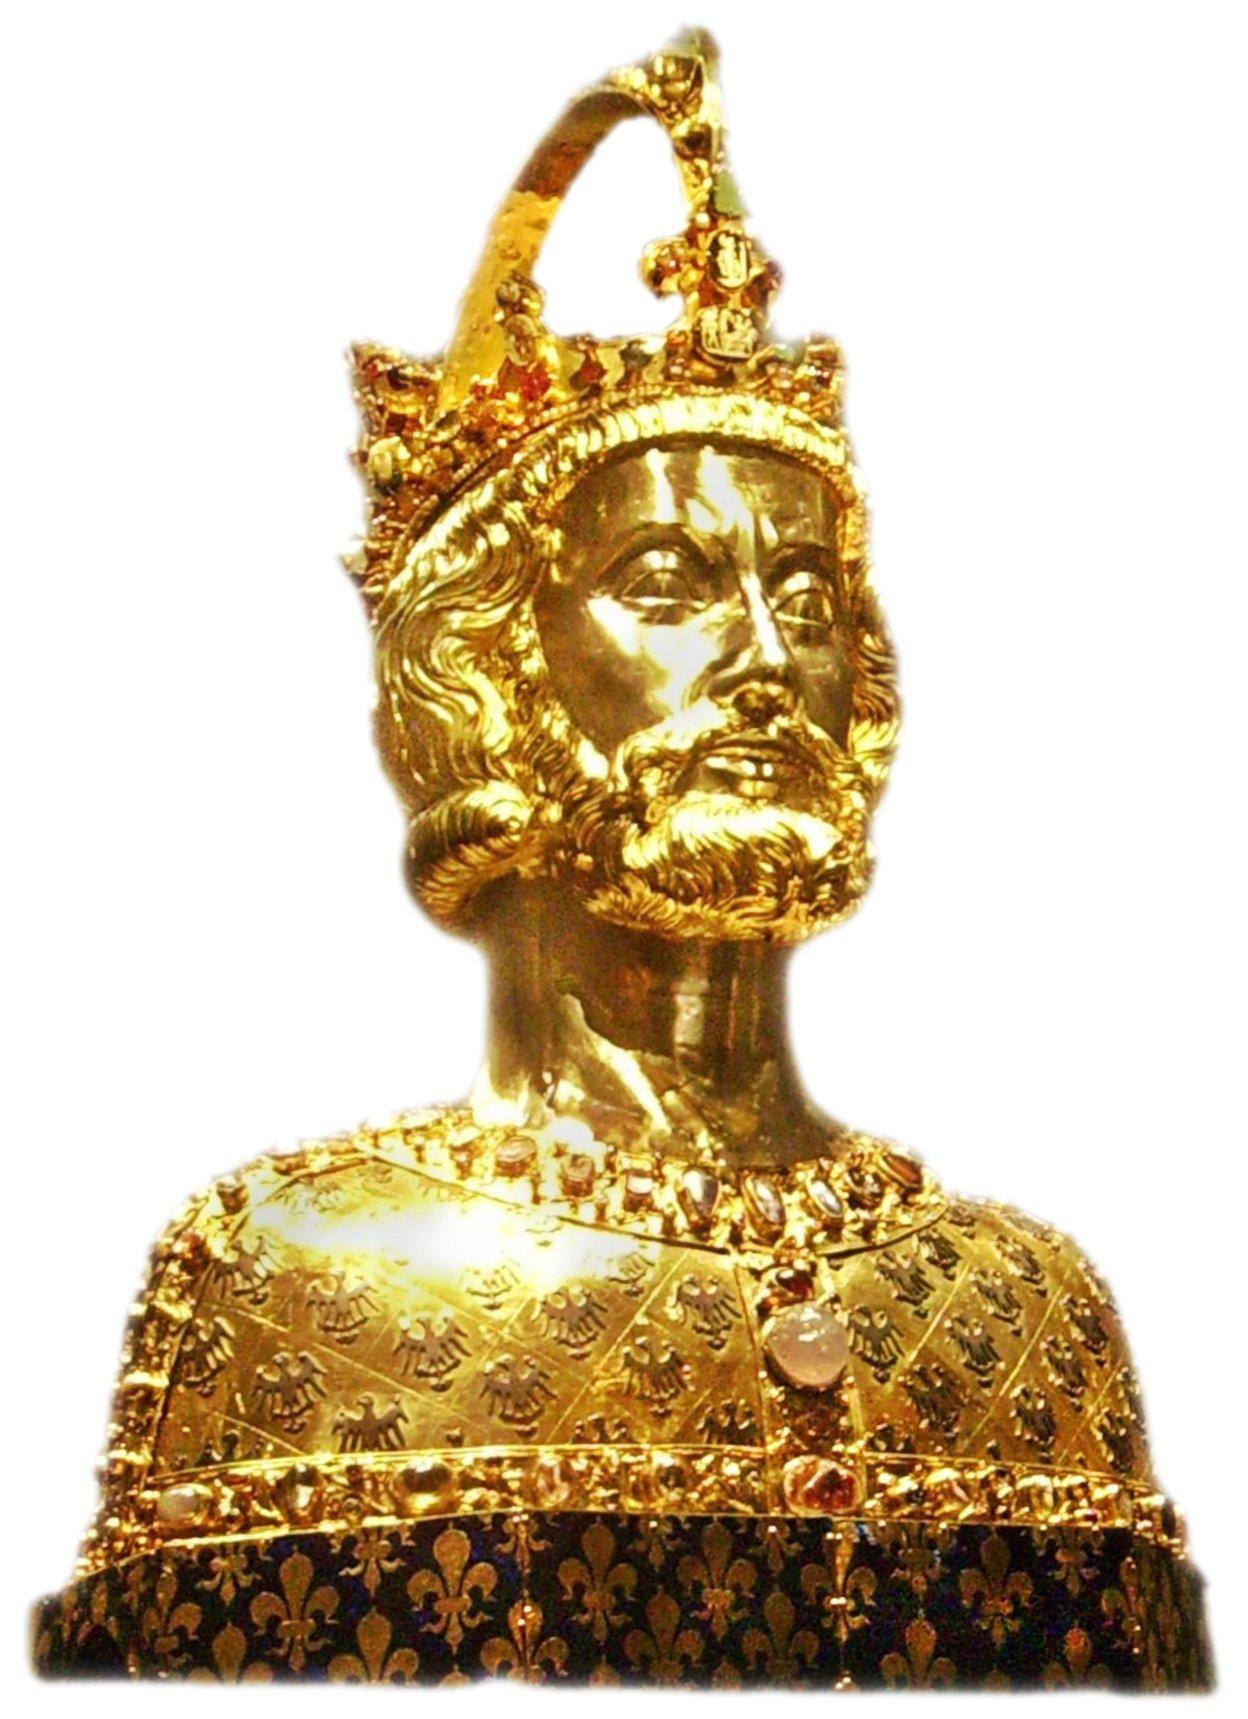 Roman Emperor